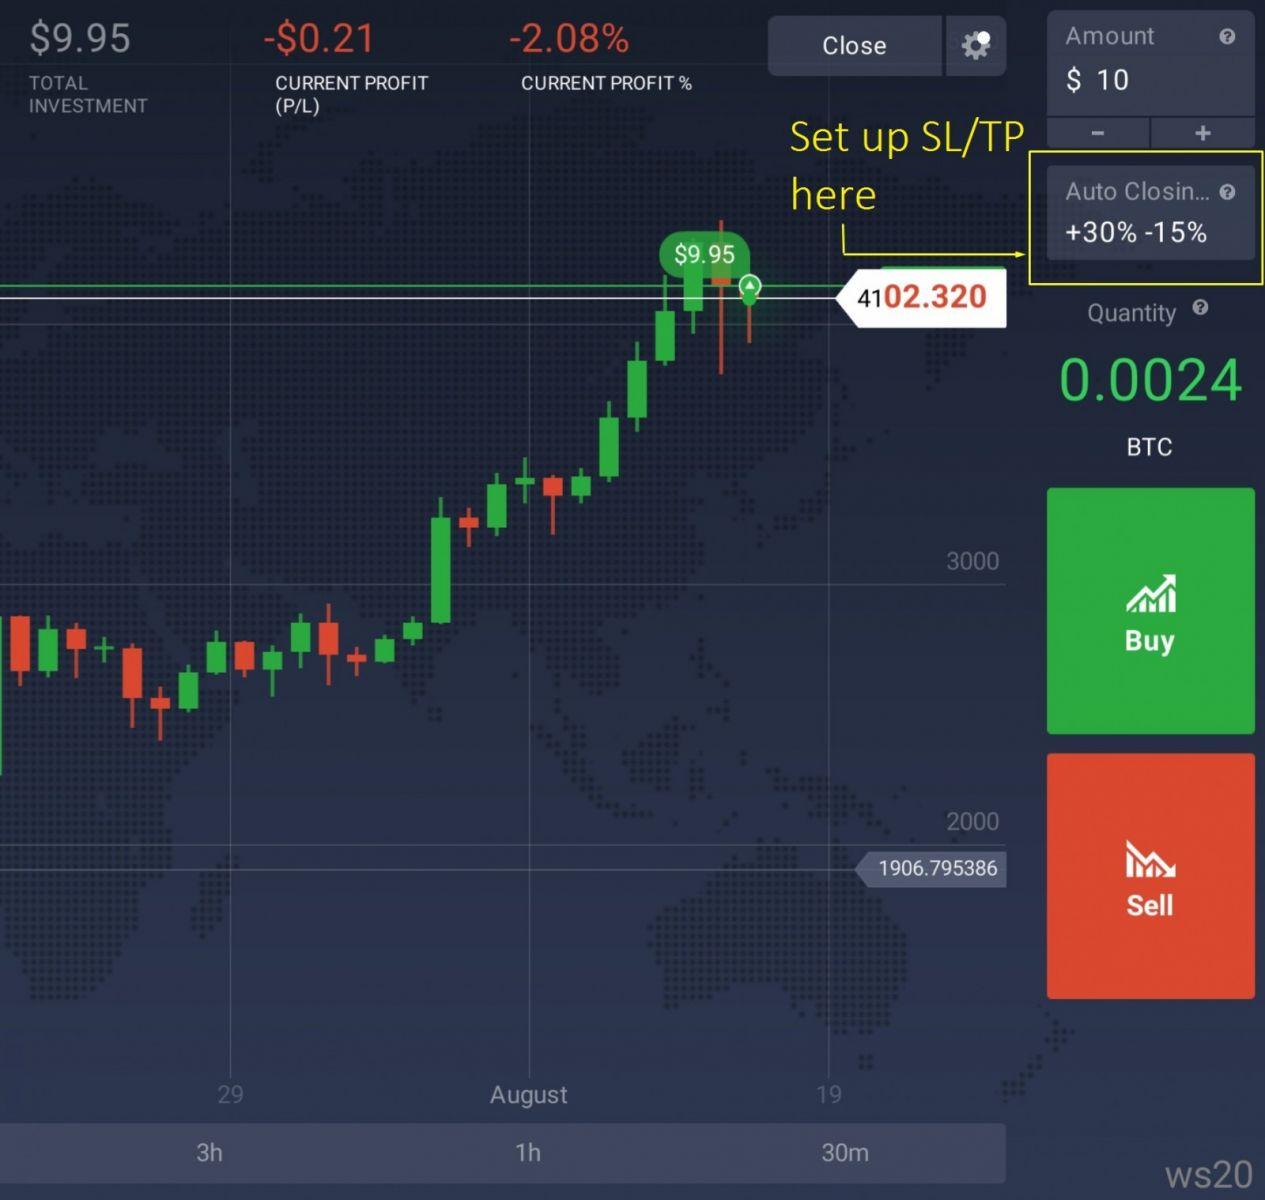 Verwendung von Stop Loss und Take Profit in IQ Option